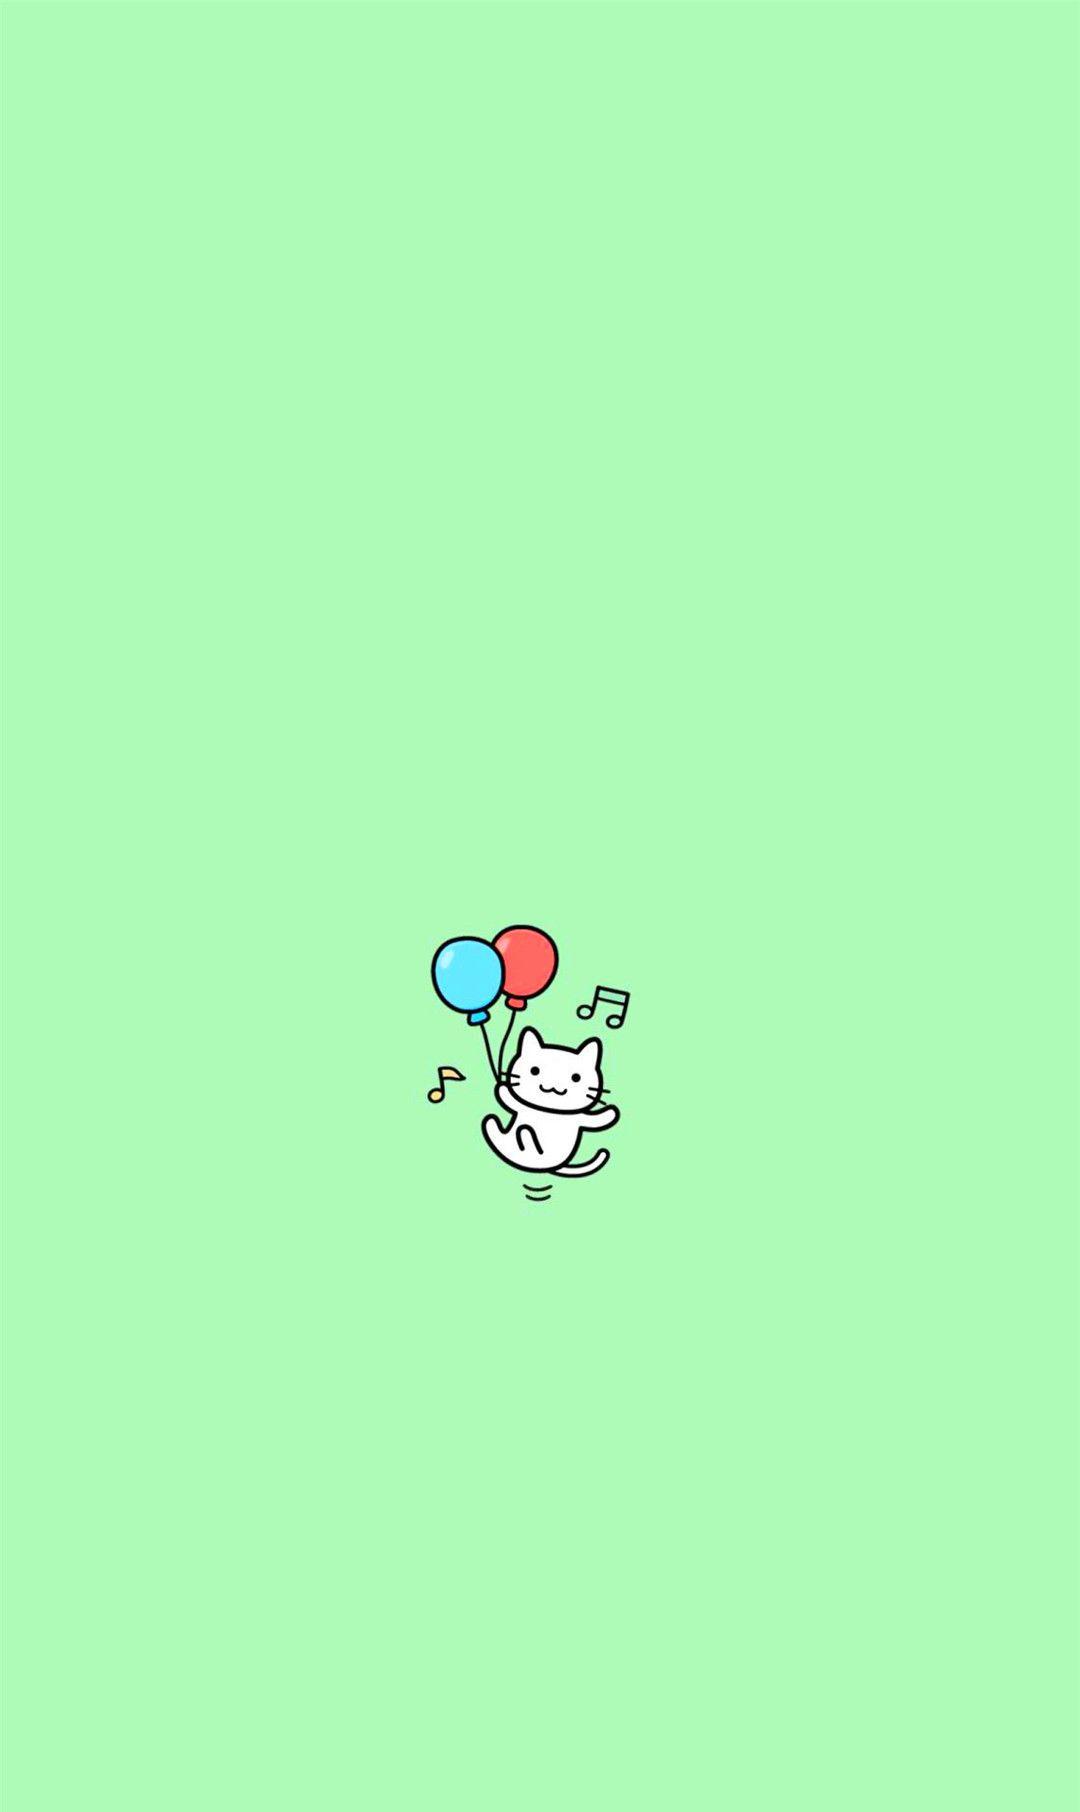 动漫手机壁纸:最爱的清新文艺风格!小猫咪简直萌翻了